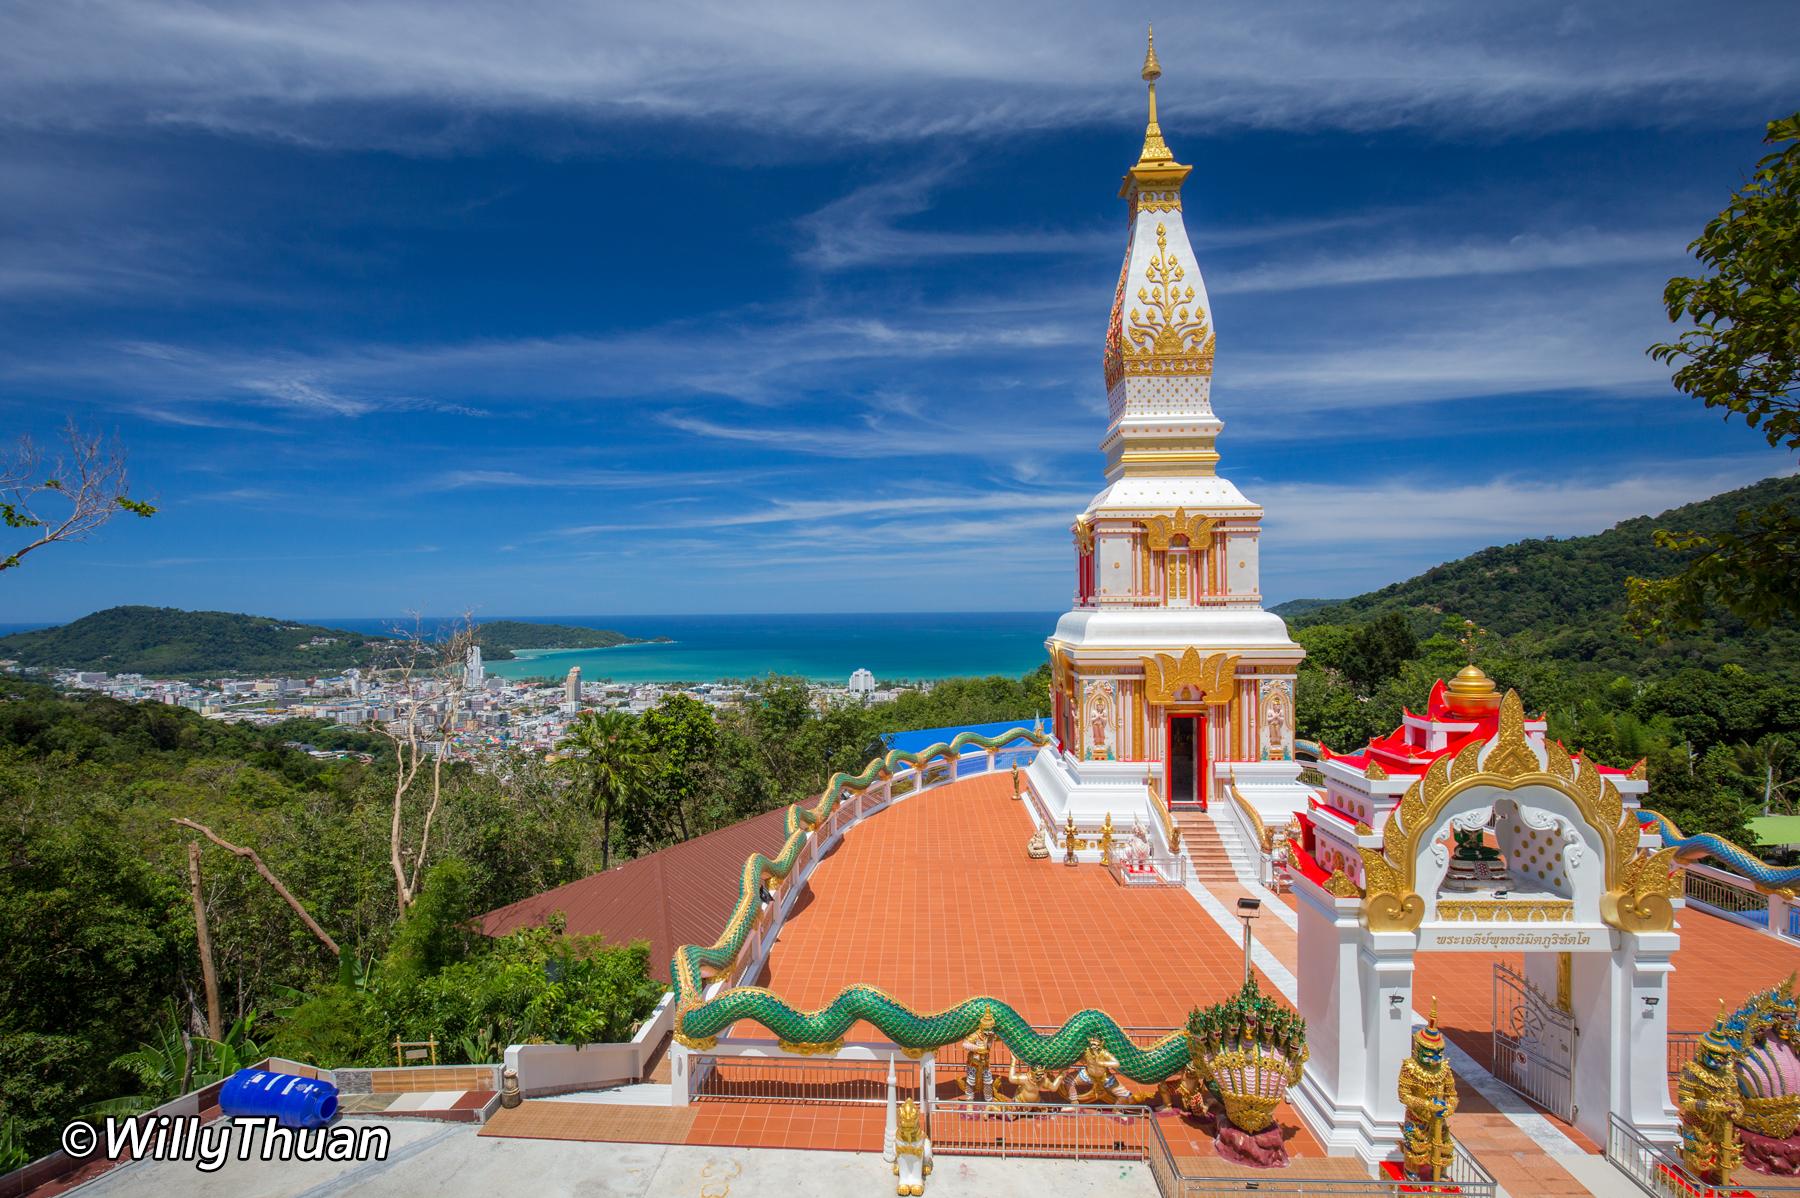 Doi Thepnimit Patong Phuket